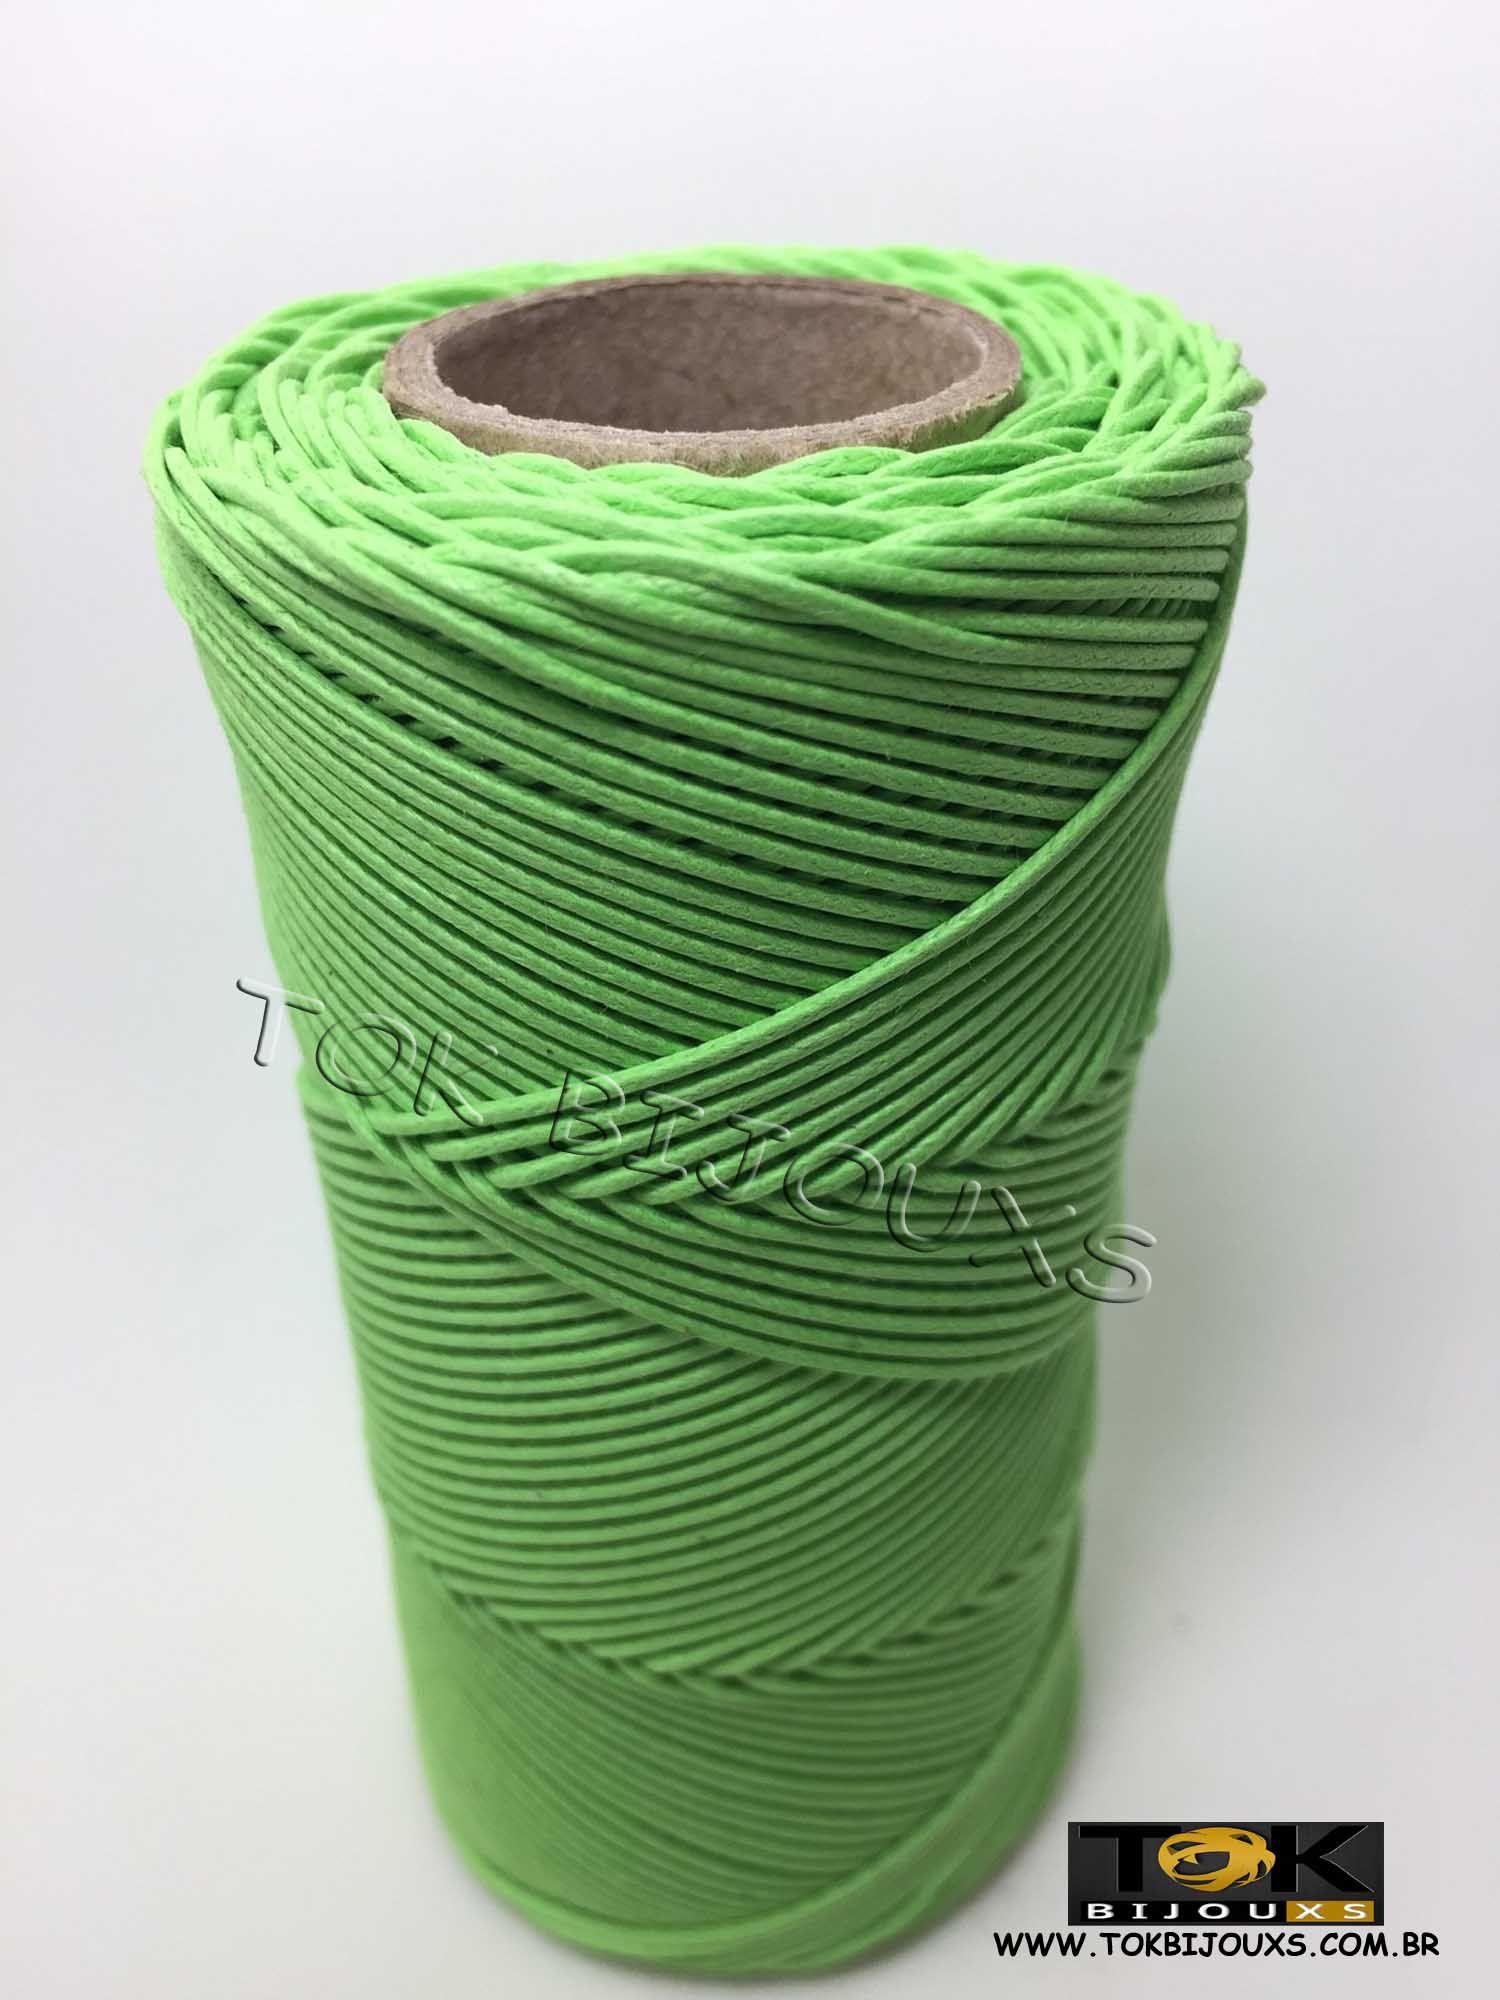 Cordão Encerado Algodão - 1,5mm - Verde Pistache